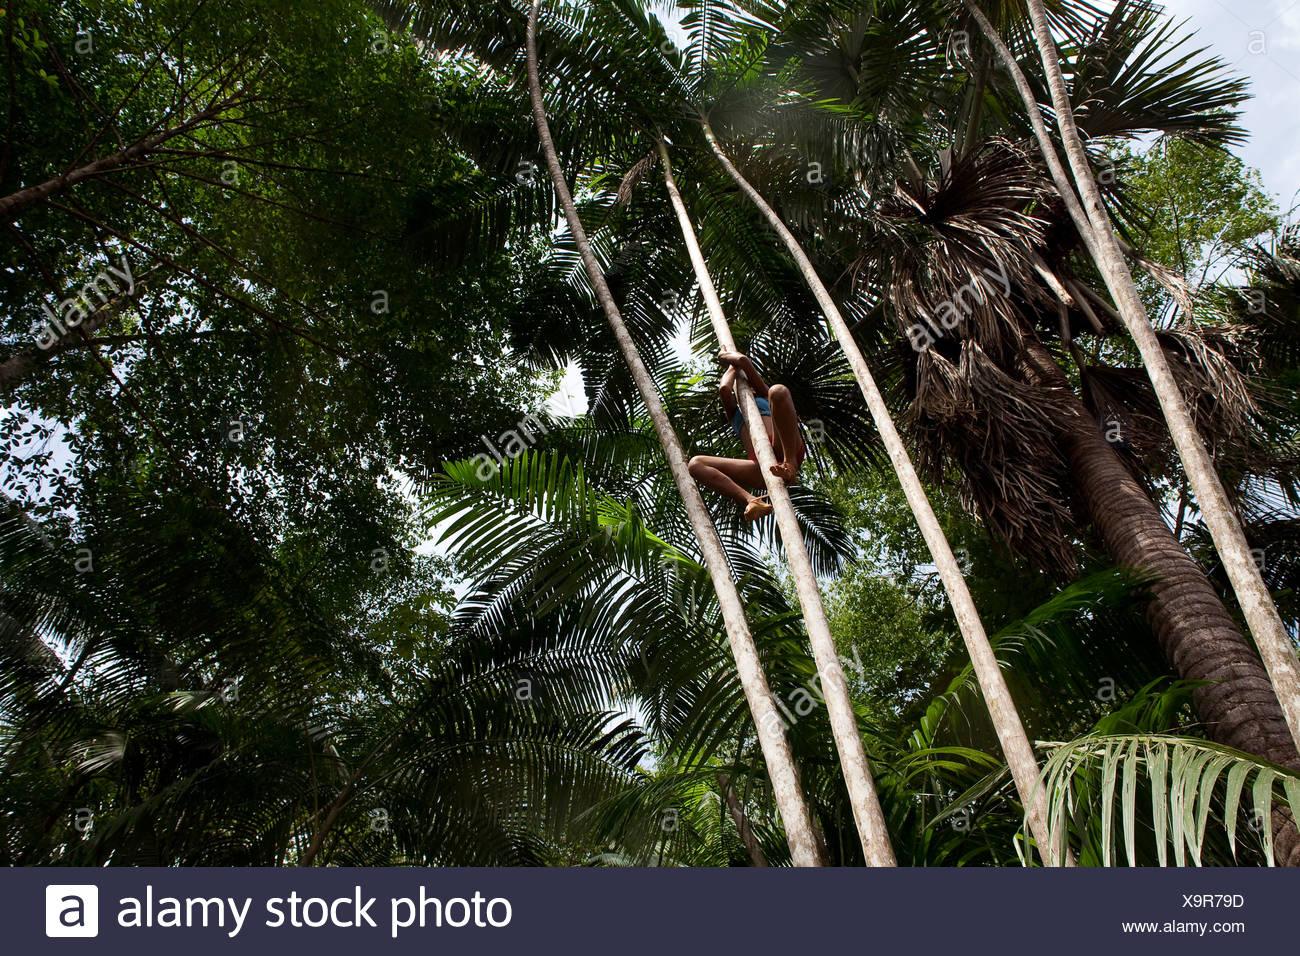 Adolescent choisit l'açaí de fruits dans les forêts de l'État de Maranhão, au Brésil. Photo Stock